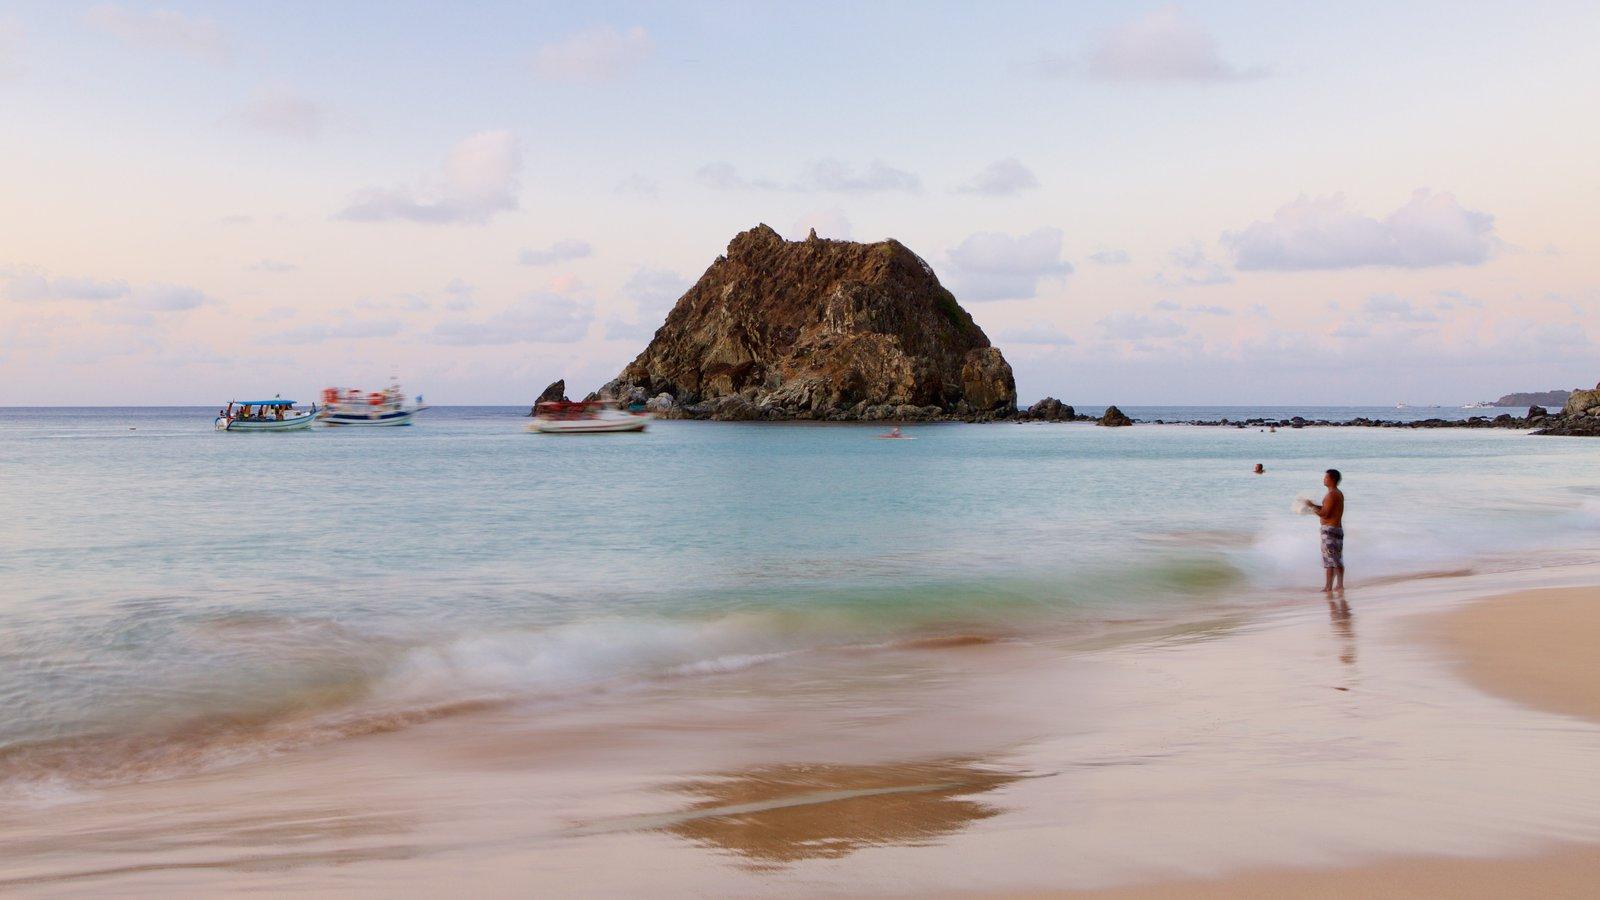 Praia da Conceição que inclui uma praia e paisagens litorâneas assim como um homem sozinho